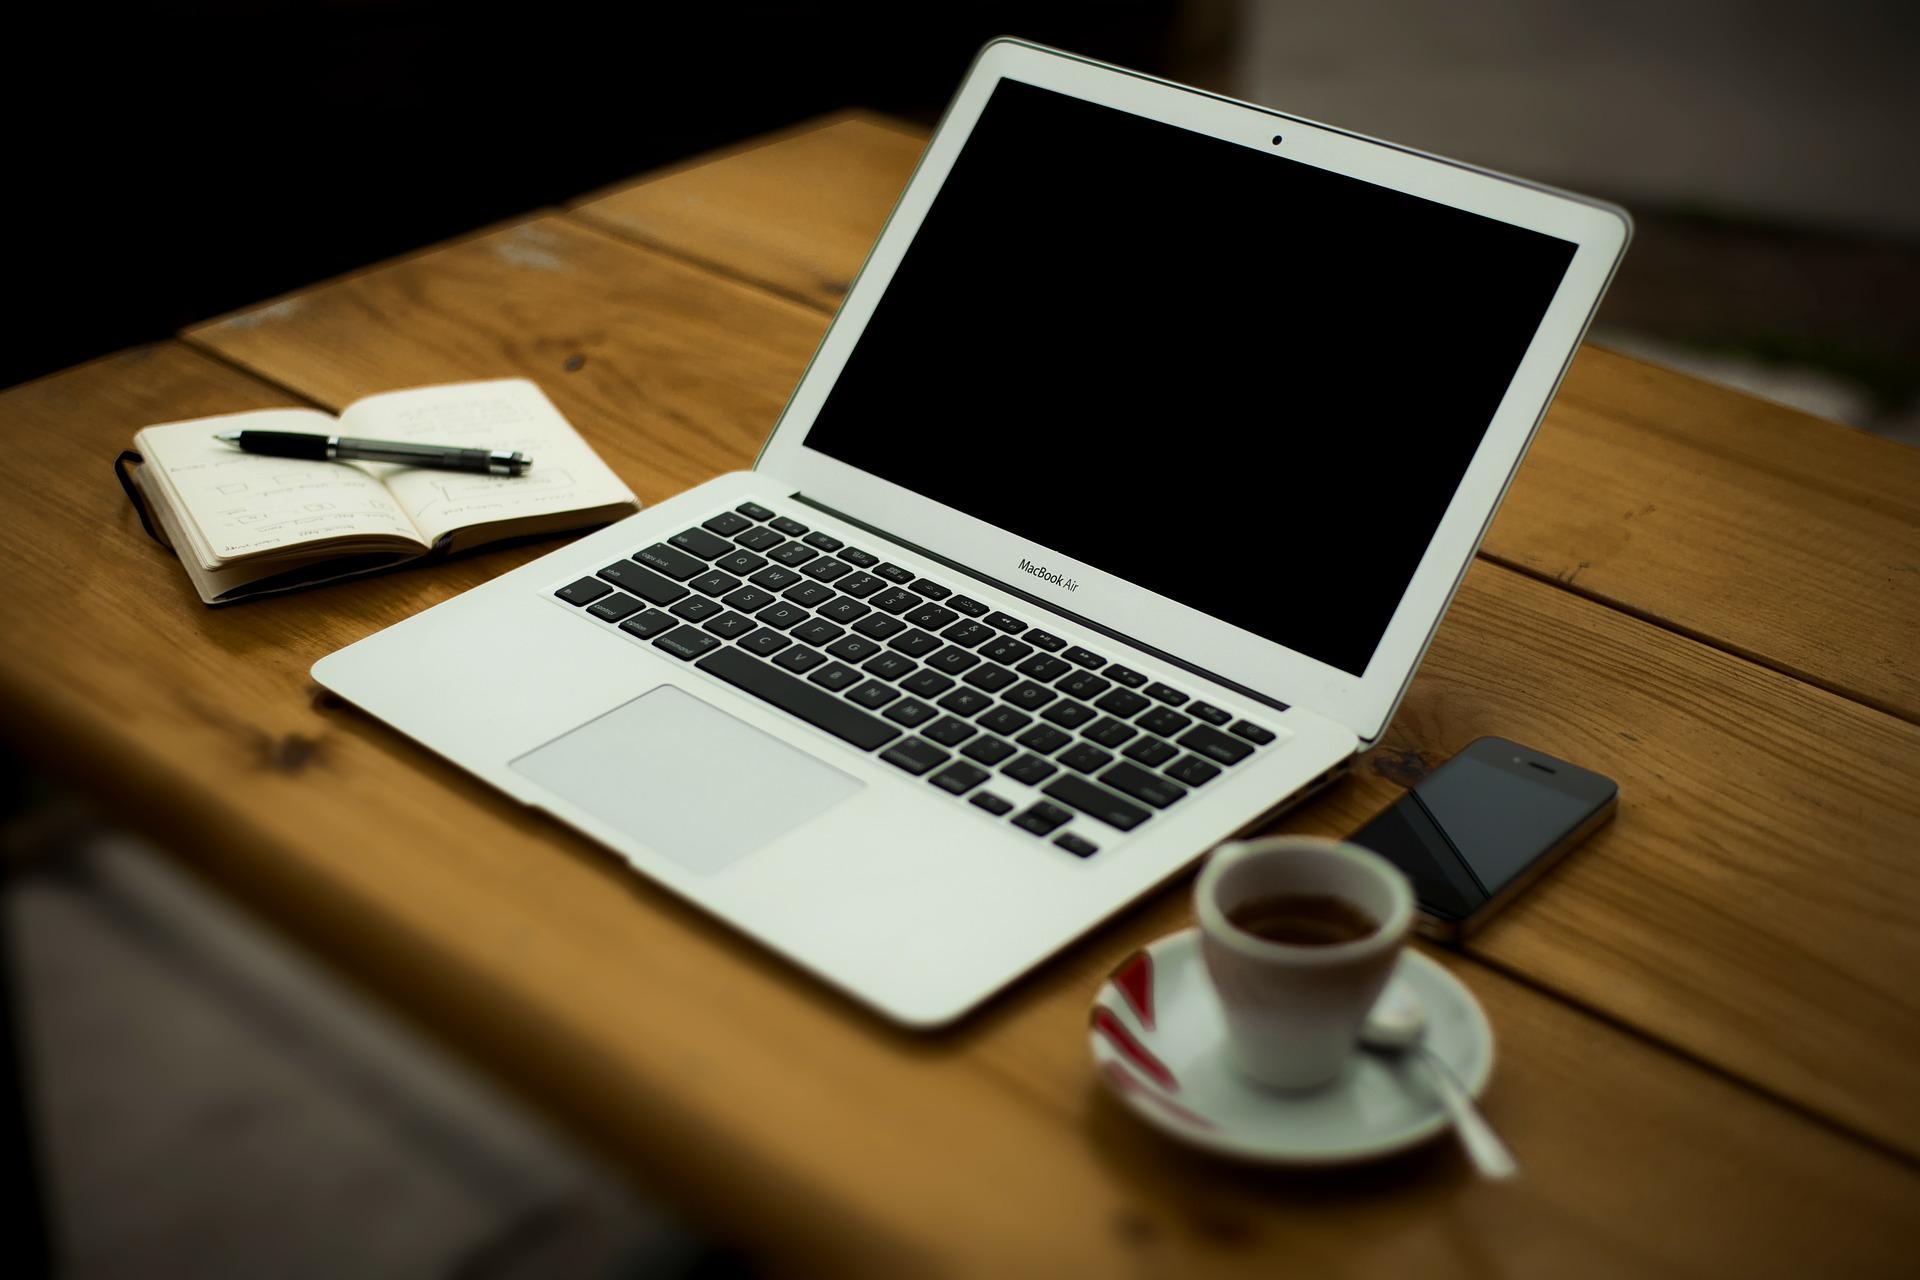 Un tavolo con un porattile, una tazzina di caffè, un cellulare e un quaderno